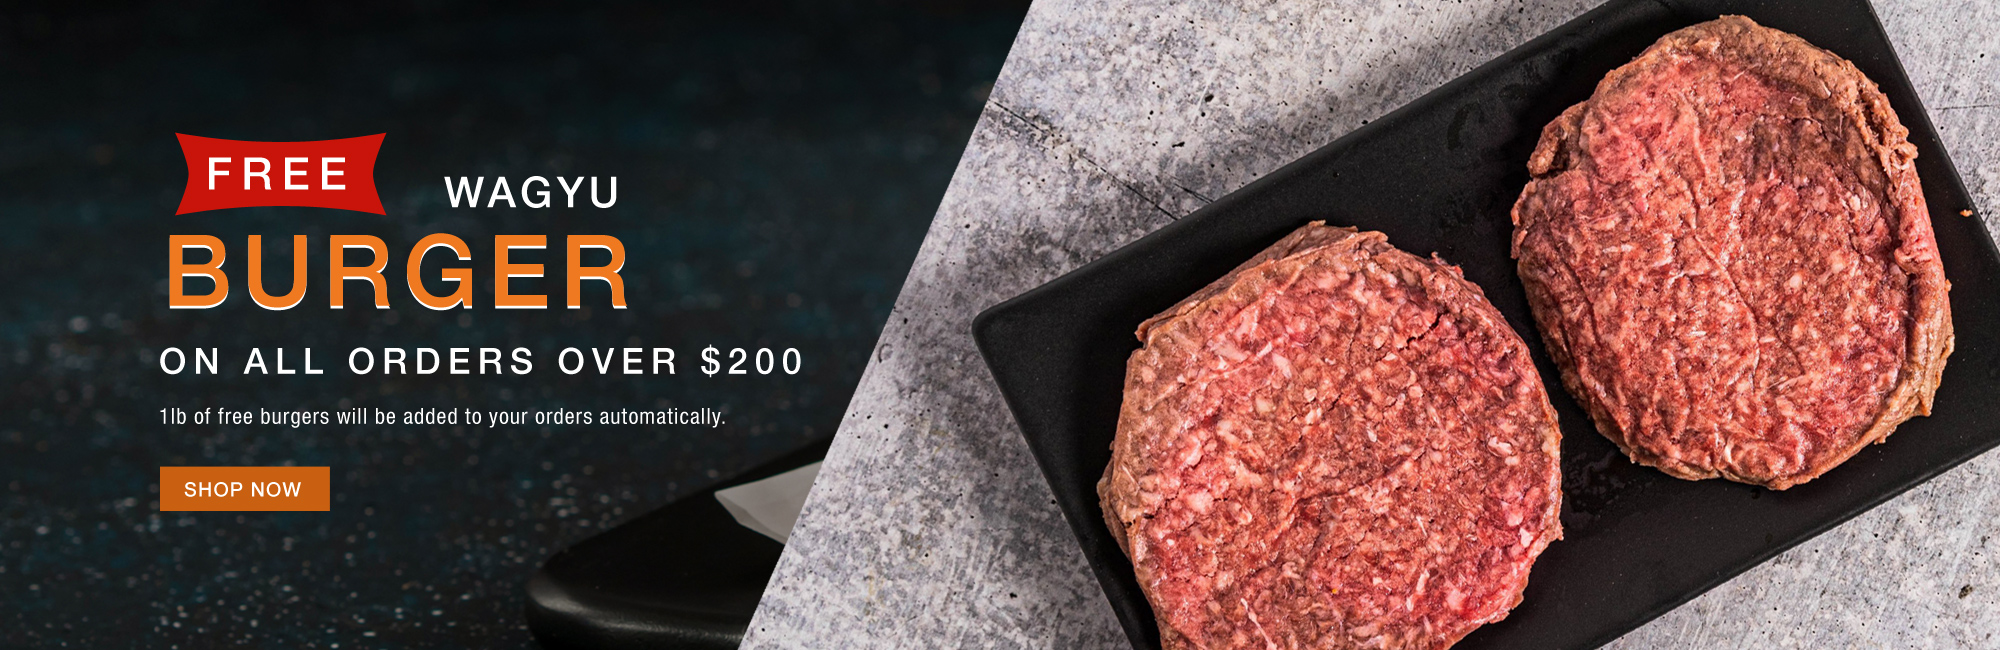 free-burger-promo